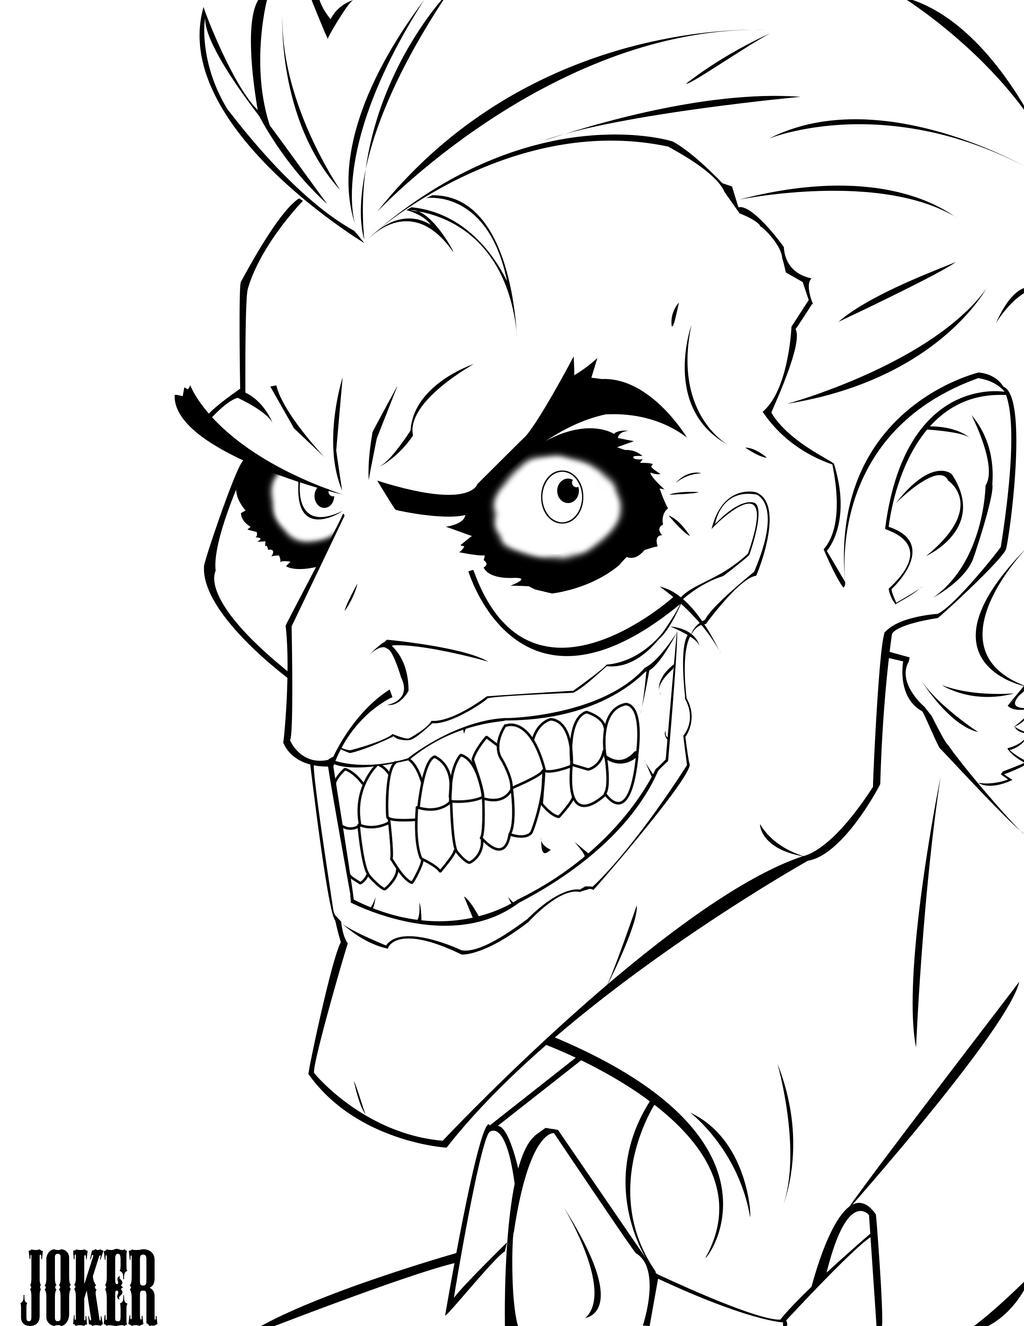 Q Line Art : Joker line art by namelessninja on deviantart